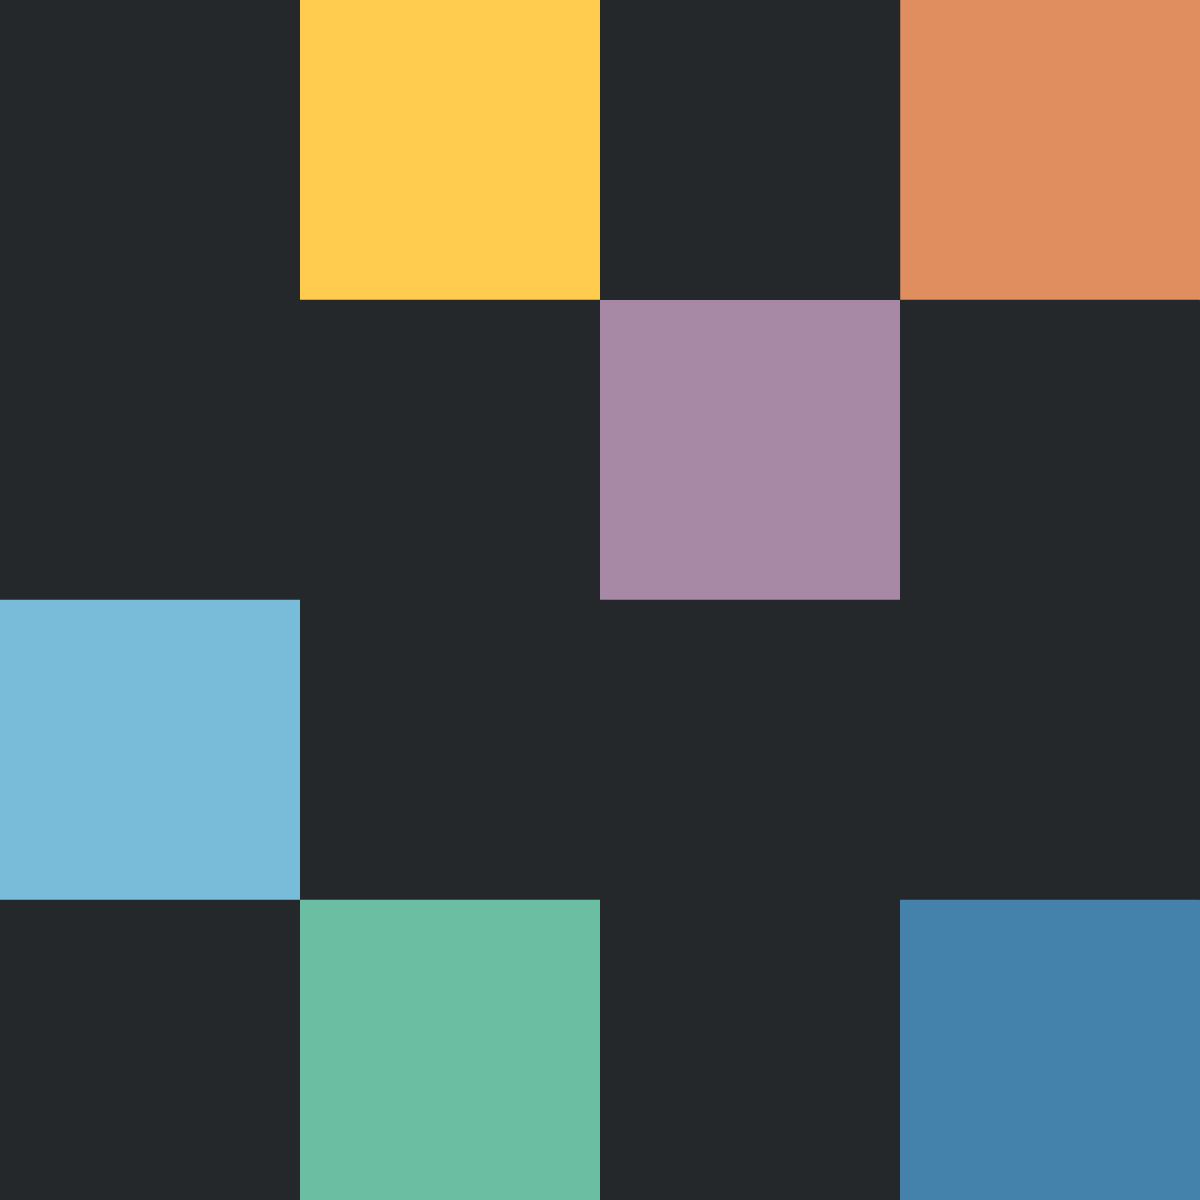 Cursos para se apaixonar por design - 4ED escola de design